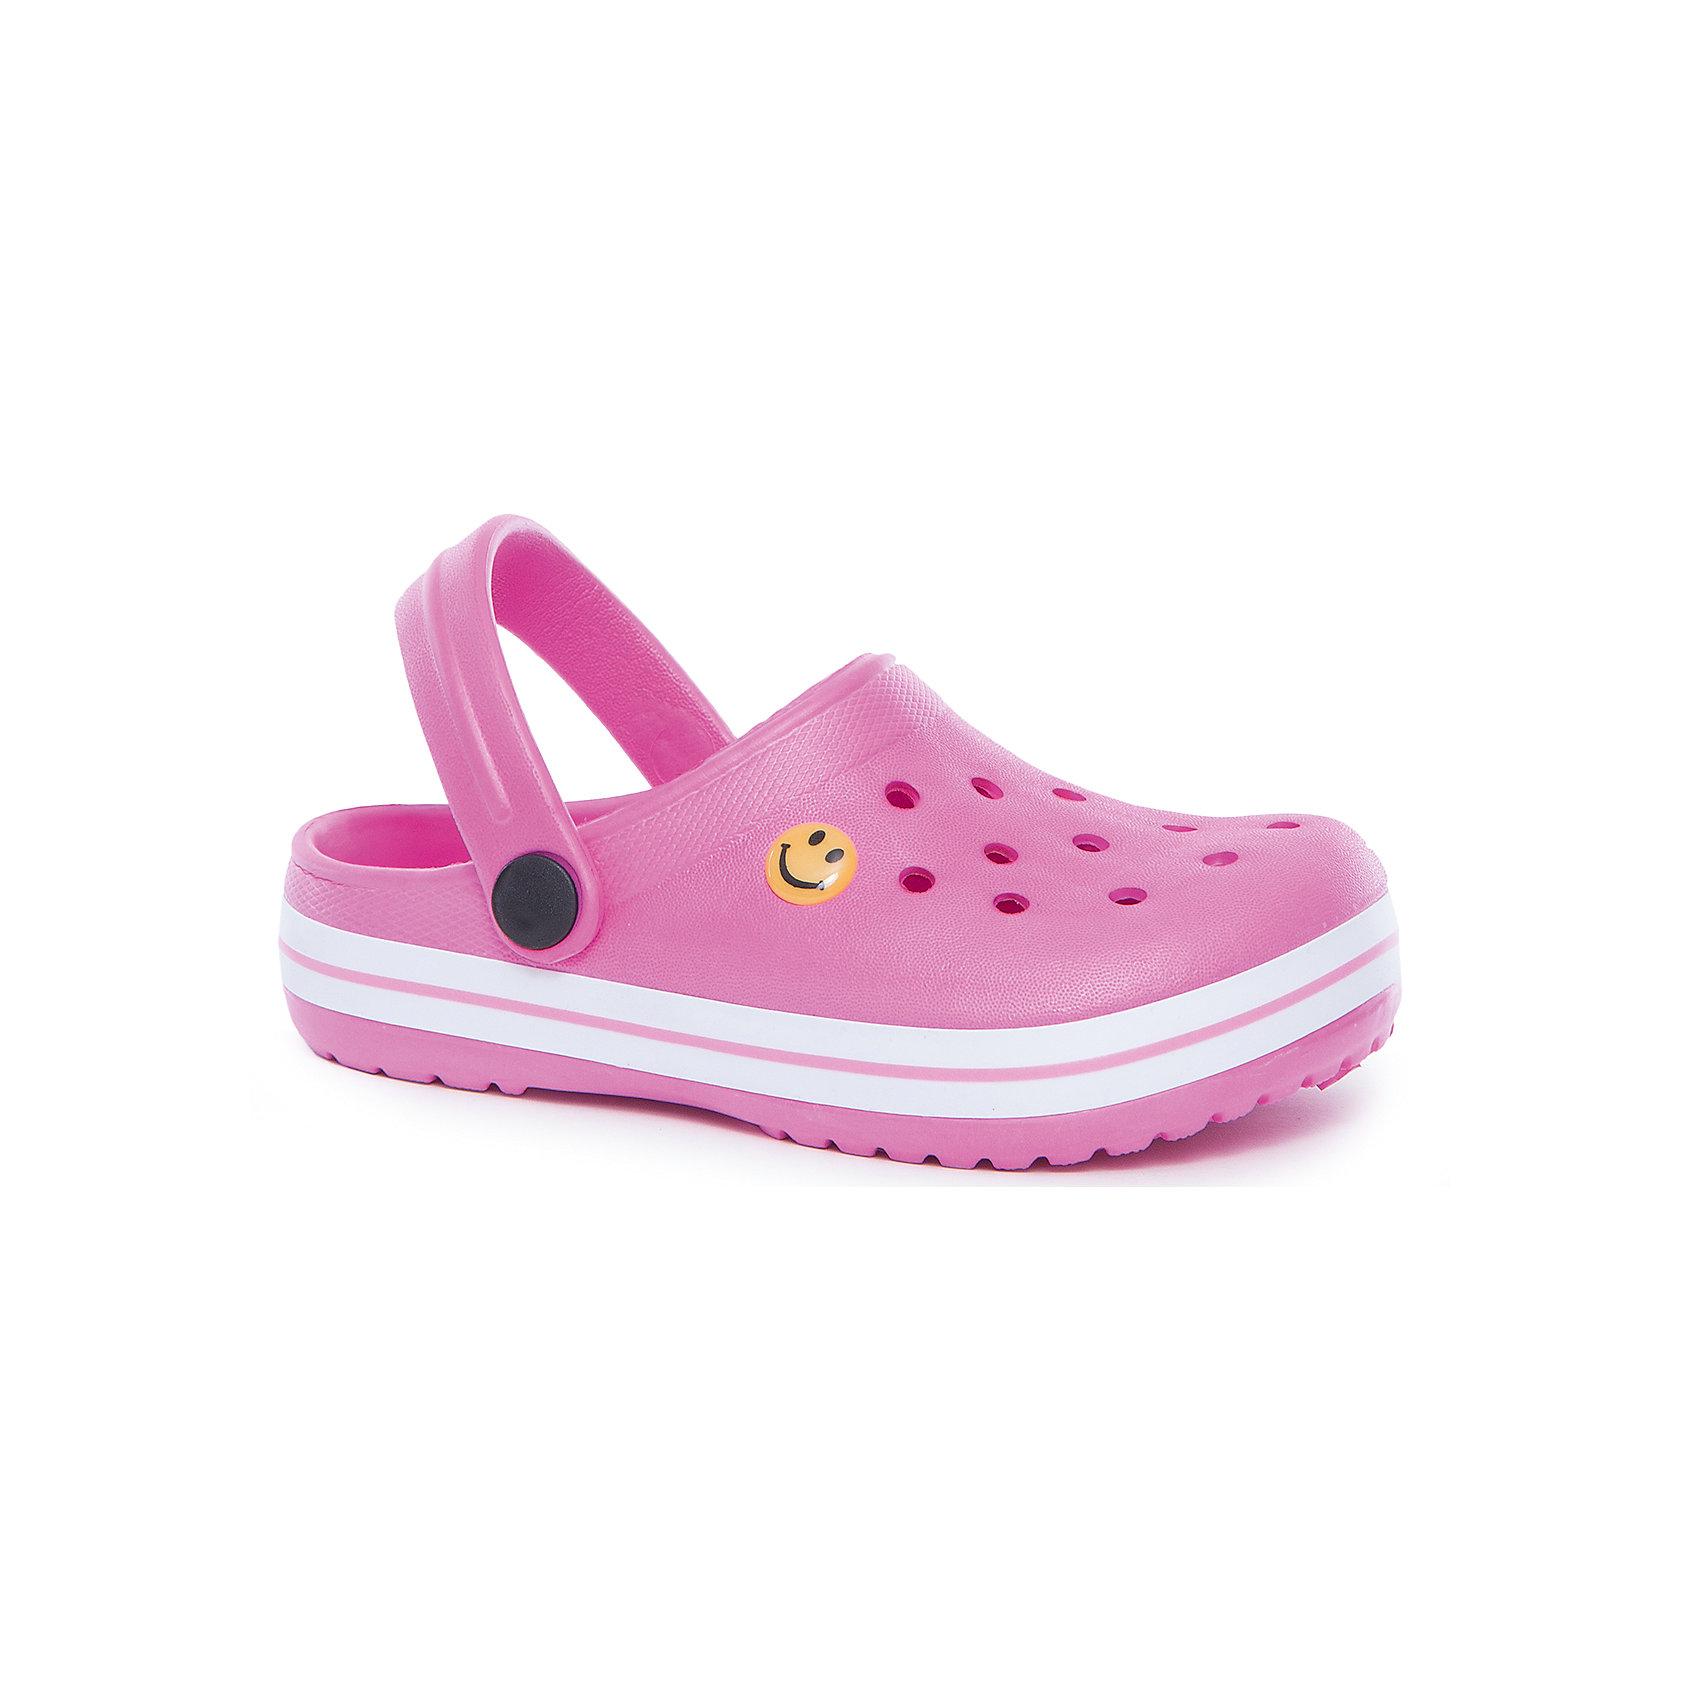 Сабо для девочки PlayTodayОбувь для девочек<br>Пантолеты для девочки PlayToday<br>Удобные пантолеты (кроксы) прекрасно подойдут и для поездки на пляж, и для дачи. Модель с подвижным запяточным ремнем, который можно откинуть , что позволяет легко снимать и одевать обувь. Изготовлены из легкого материала. Перфорация в верхней части обеспечивает вентиляцию ноги<br>Состав:<br>100% этилвинилацетат<br><br>Ширина мм: 225<br>Глубина мм: 139<br>Высота мм: 112<br>Вес г: 290<br>Цвет: разноцветный<br>Возраст от месяцев: 96<br>Возраст до месяцев: 108<br>Пол: Женский<br>Возраст: Детский<br>Размер: 32,28,29,30,31<br>SKU: 5404648